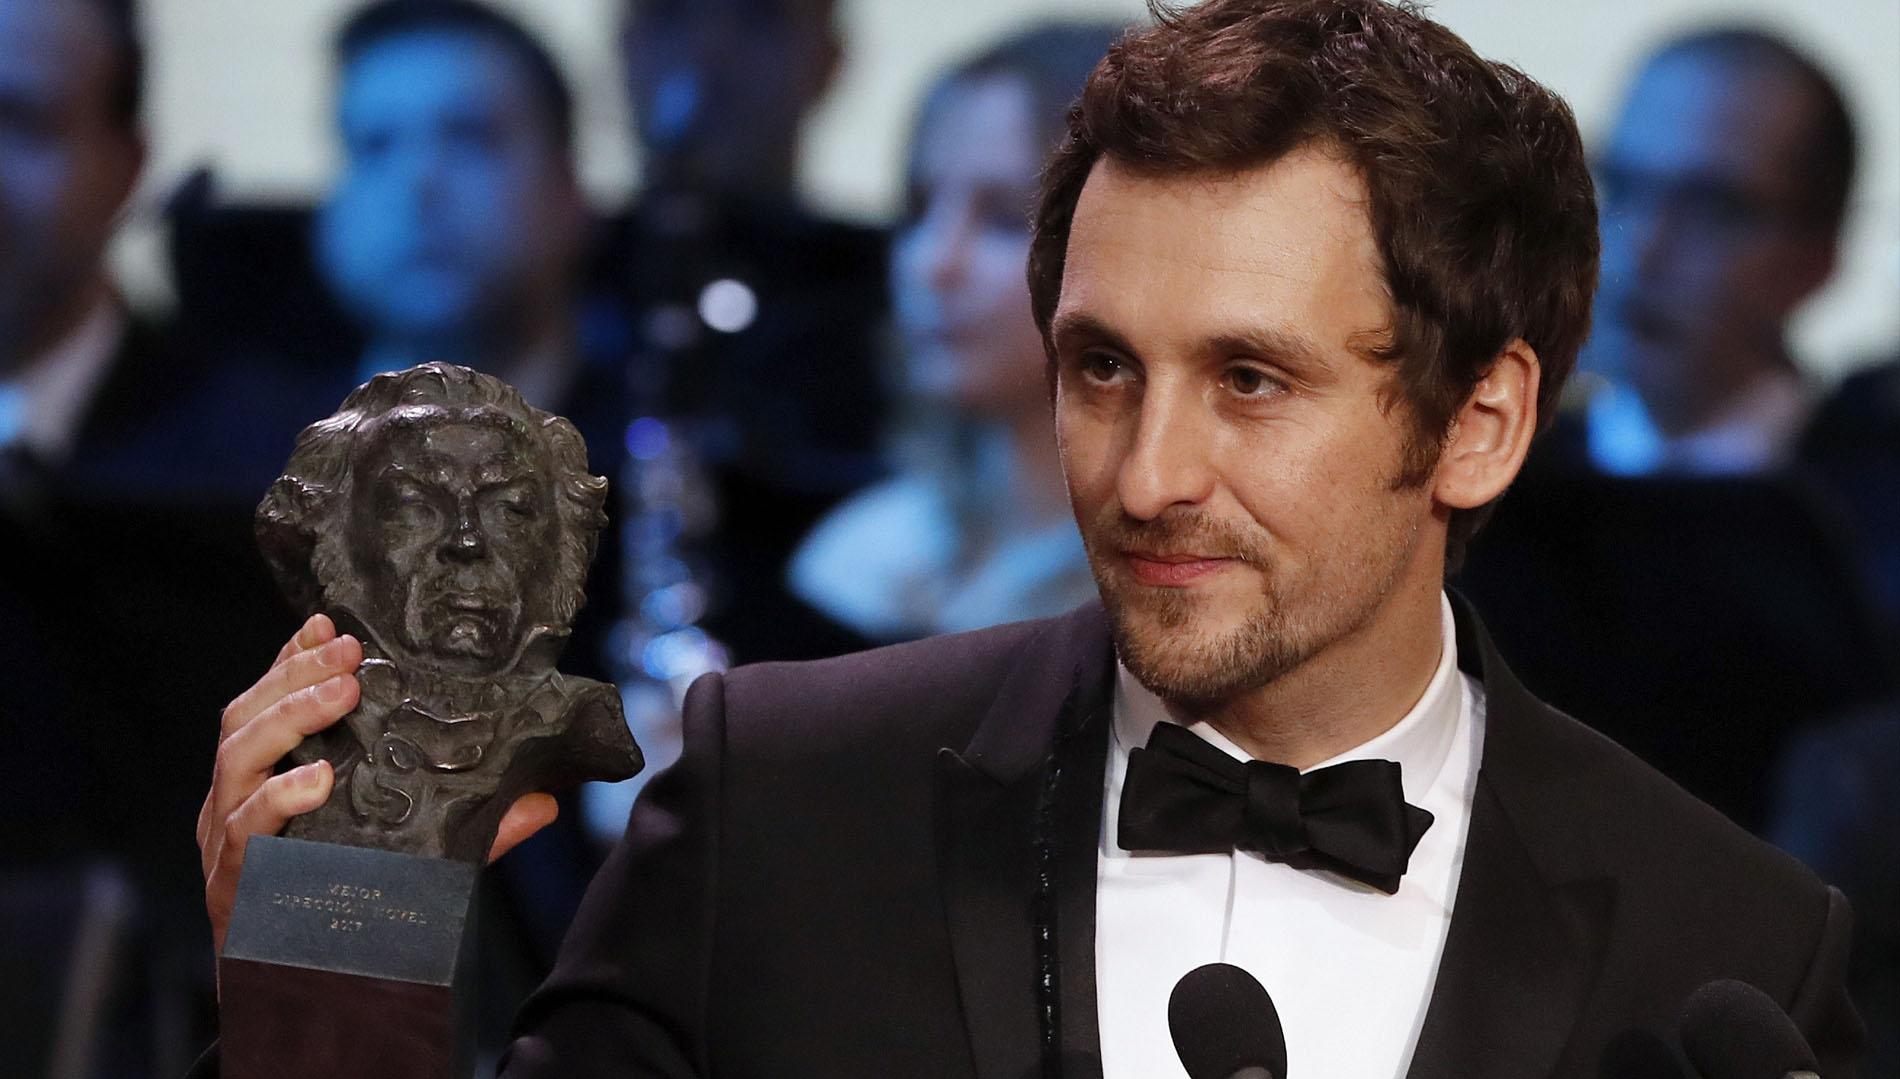 La academia reconoció a Raúl Arévalo su primer trabajo como director con el Goya a la Mejor dirección novel